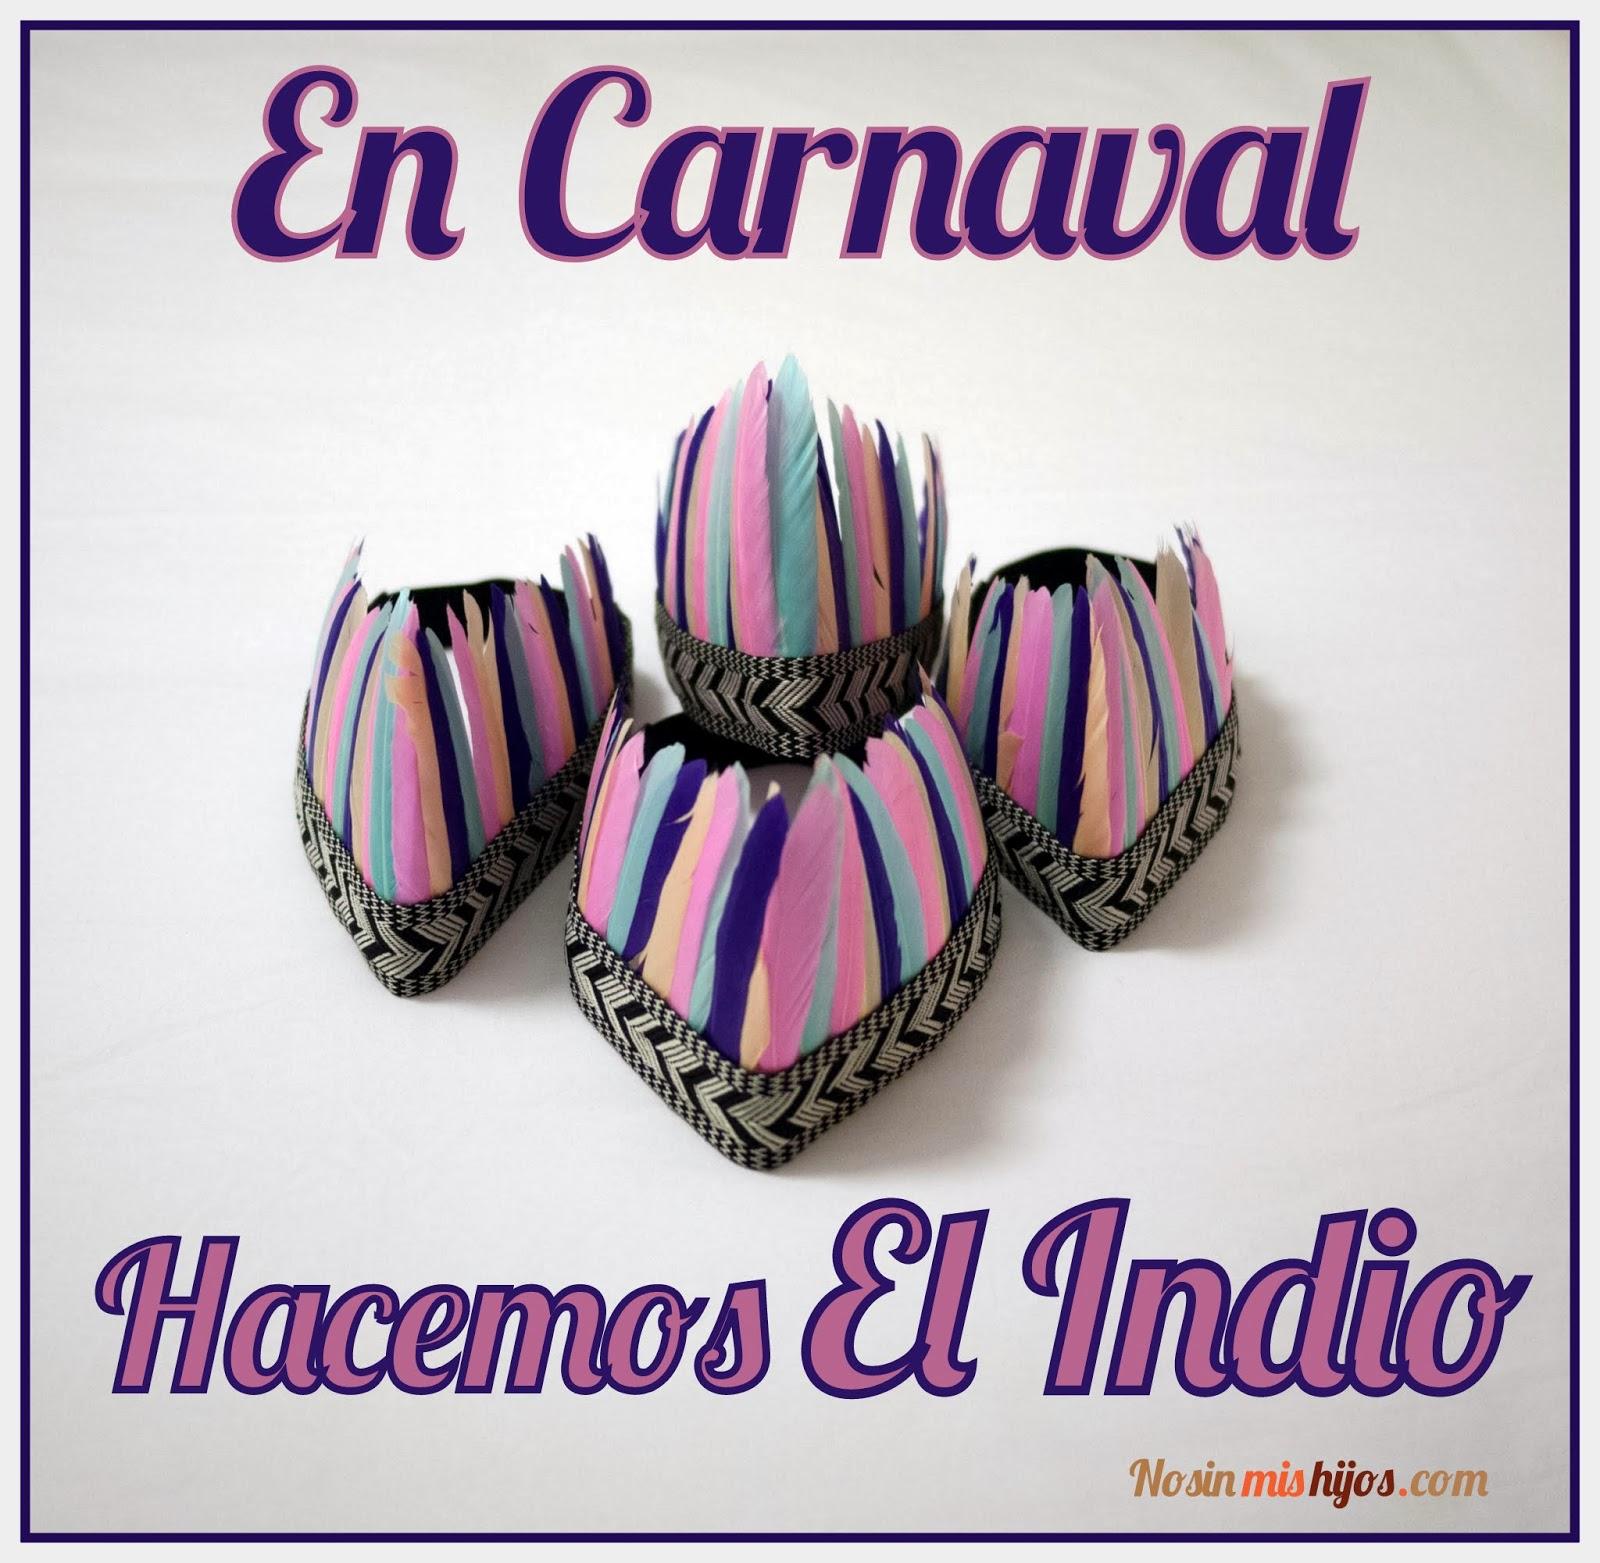 En carnaval hacemos el indio